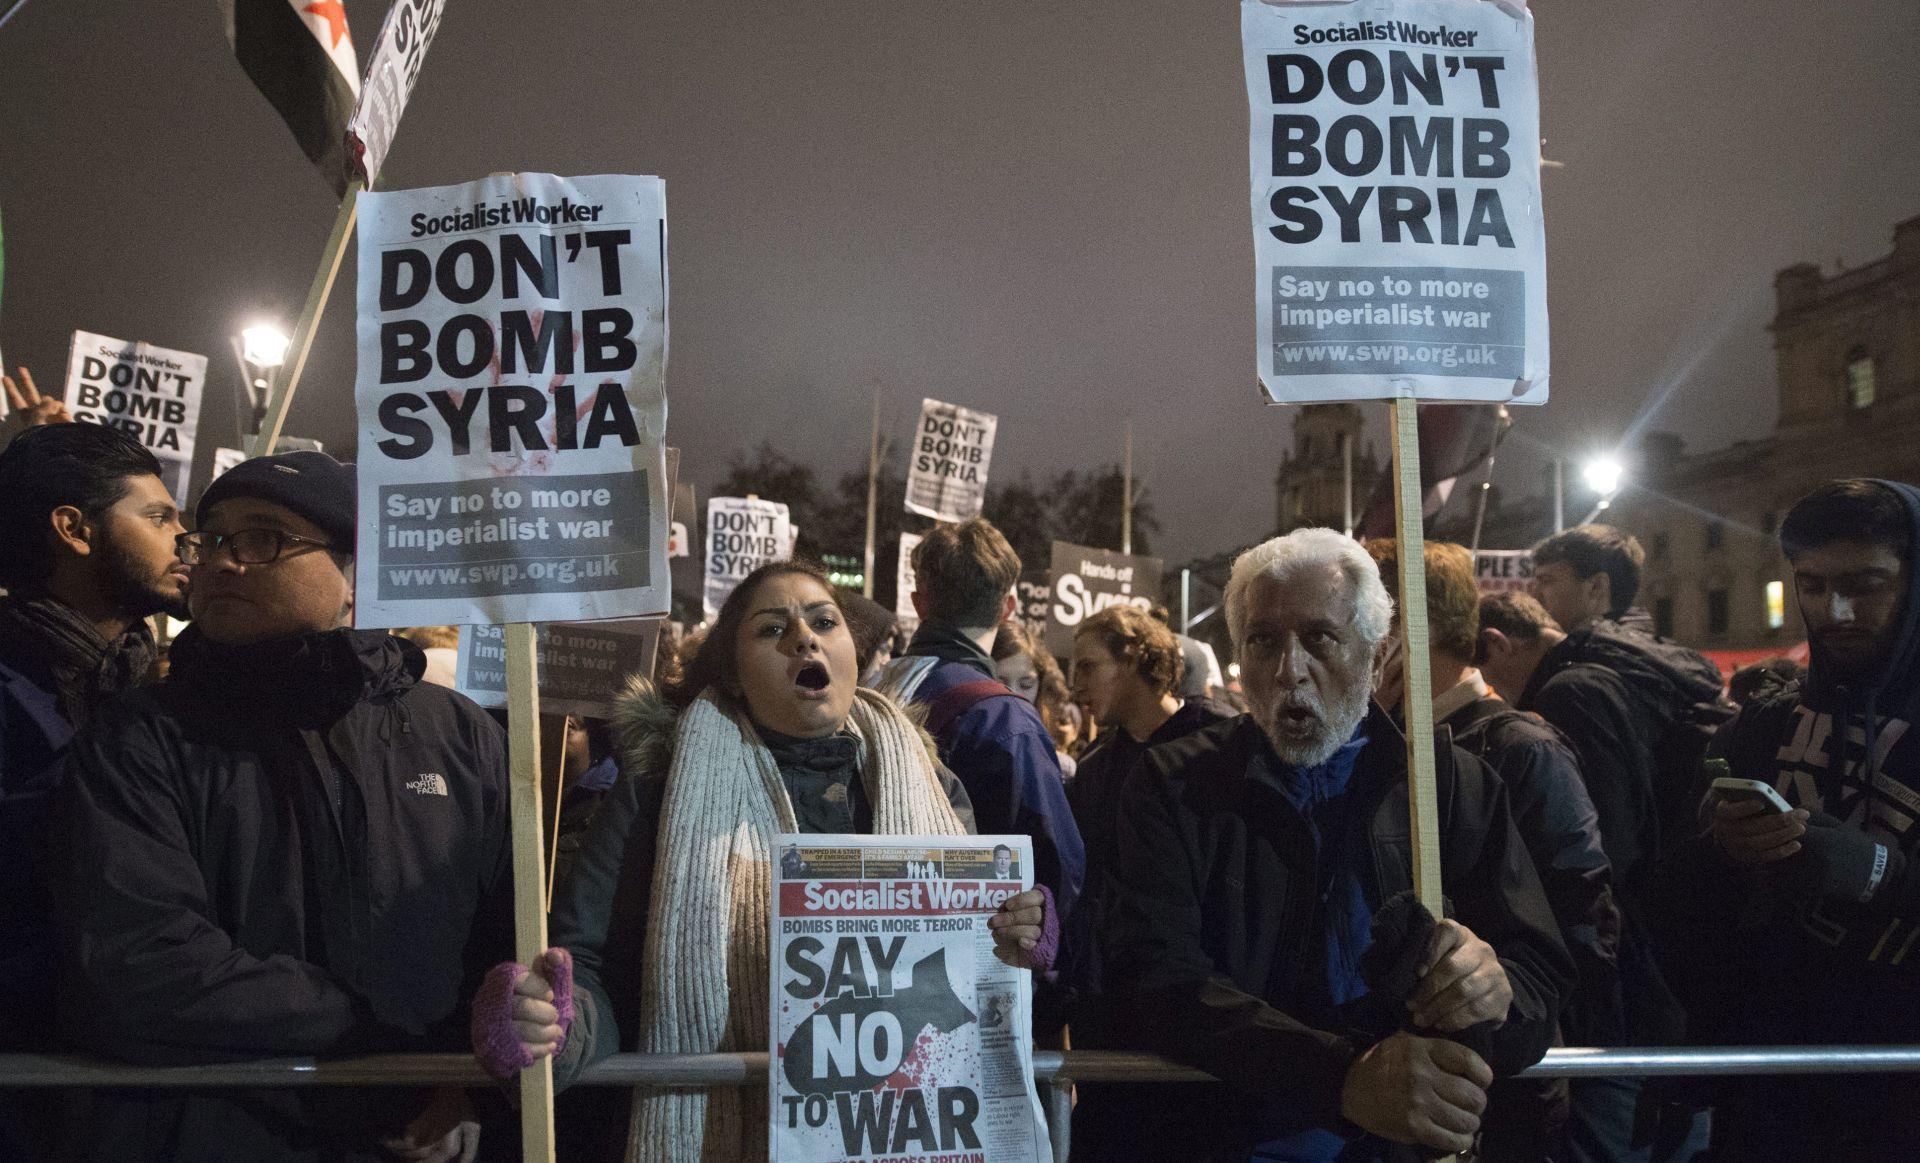 ZRAČNI NAPADI: U Siriji ubijeno najmanje 26 civila, vjerojatno odgovorna koalicija